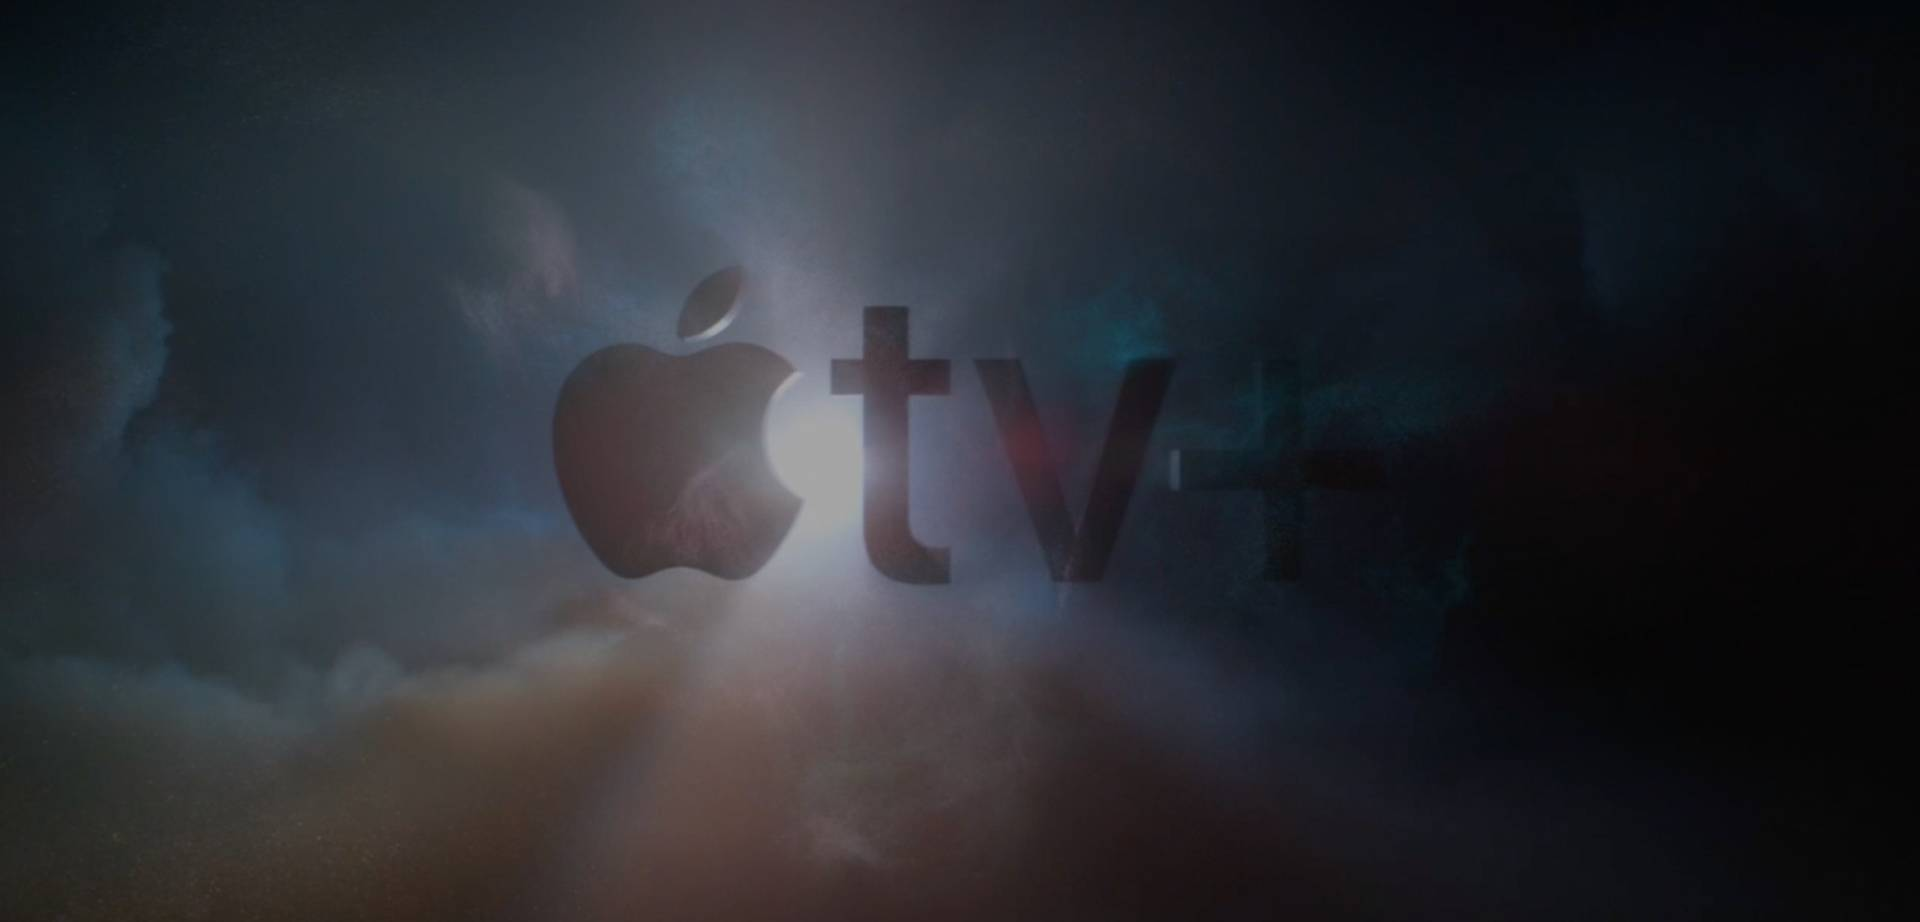 Apple TV+, lancio a novembre, prezzo 9,99 € al mese